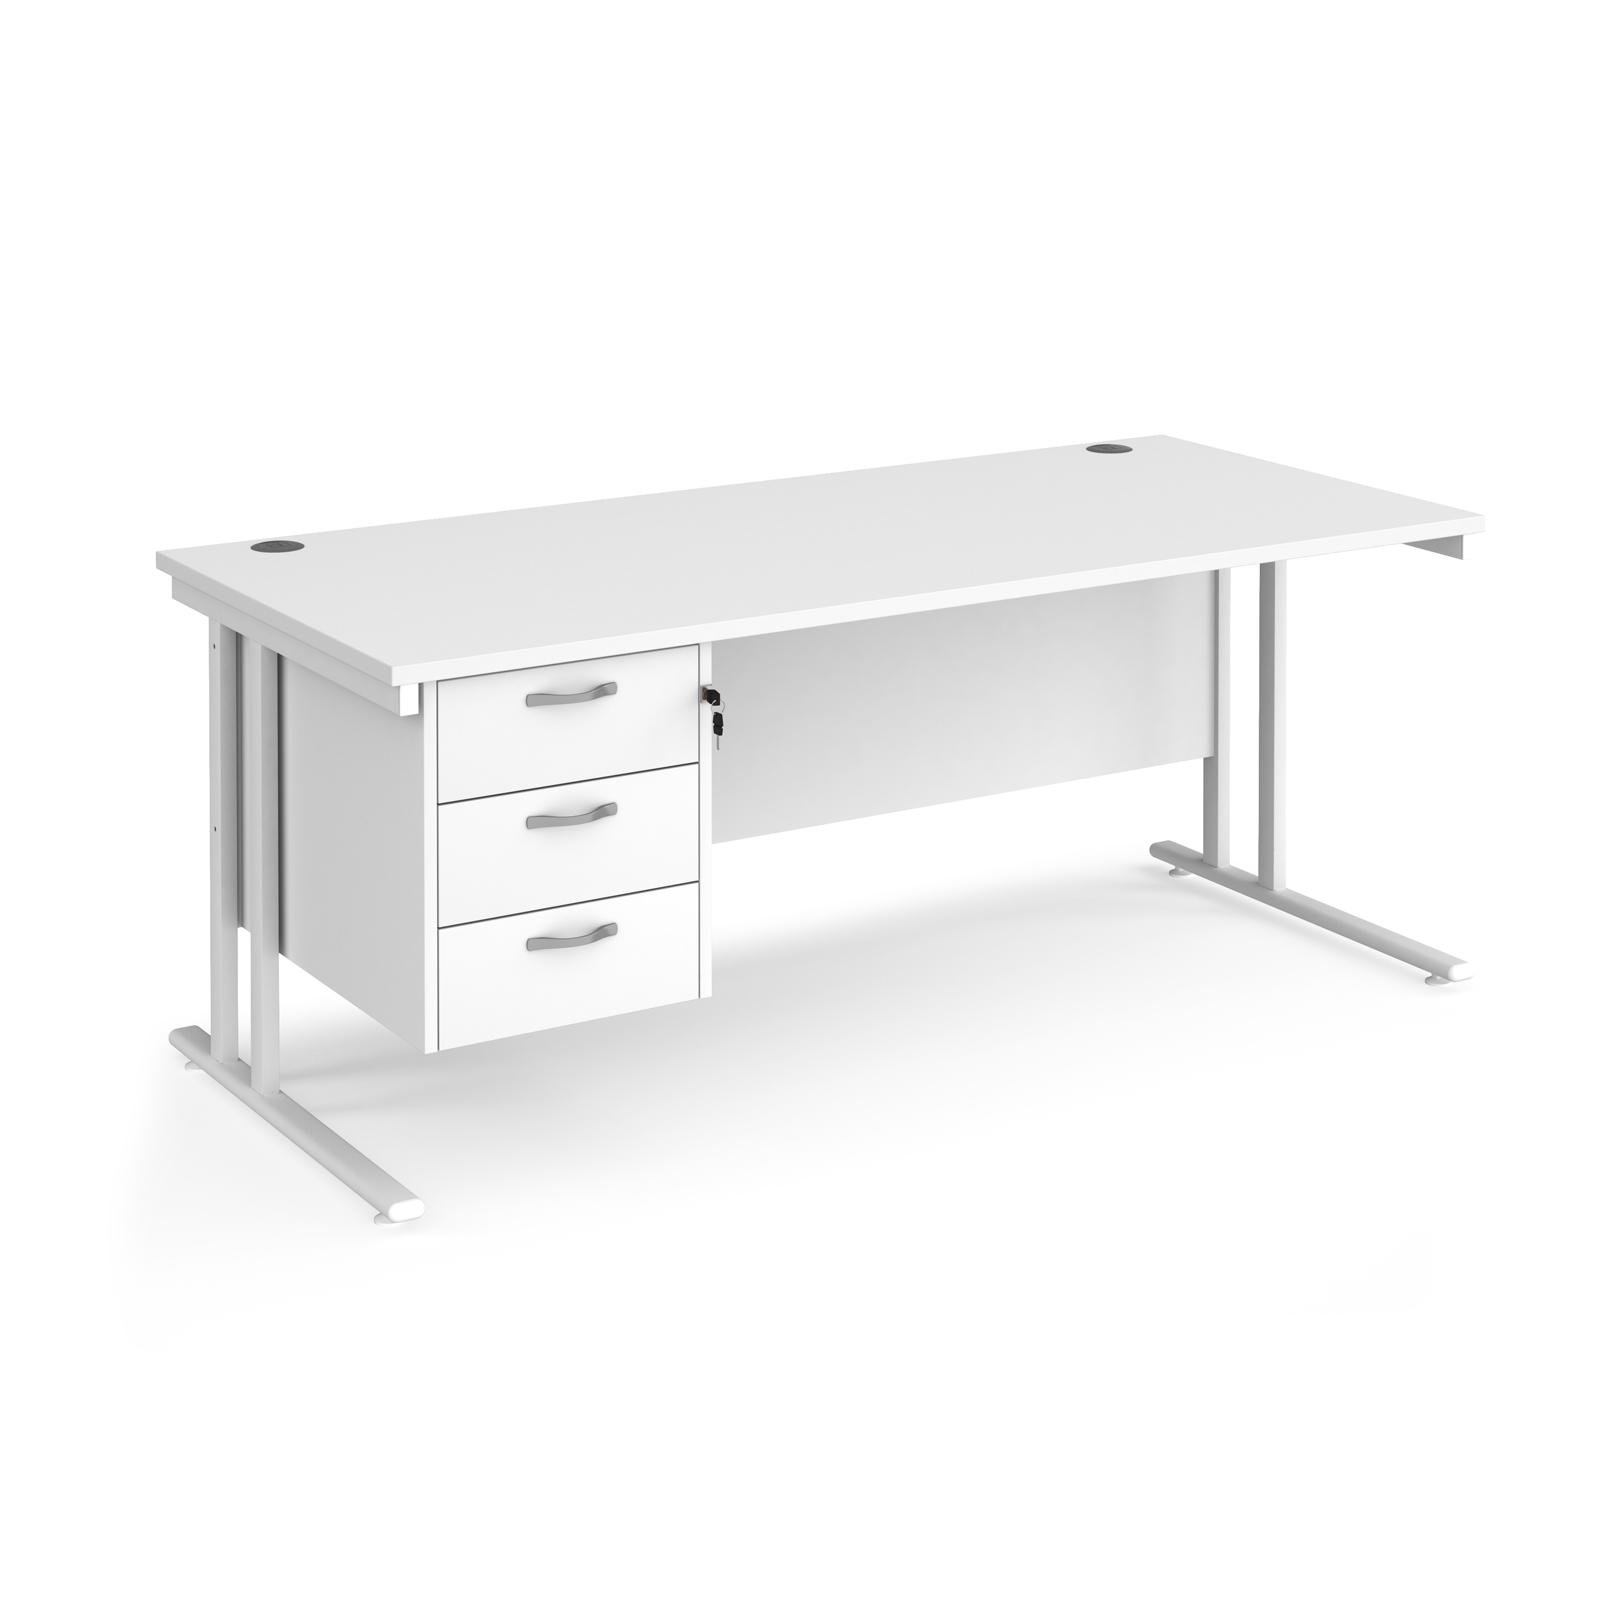 Rectangular Desks Maestro 25 straight desk 1800mm x 800mm with 3 drawer pedestal - white cantilever leg frame, white top